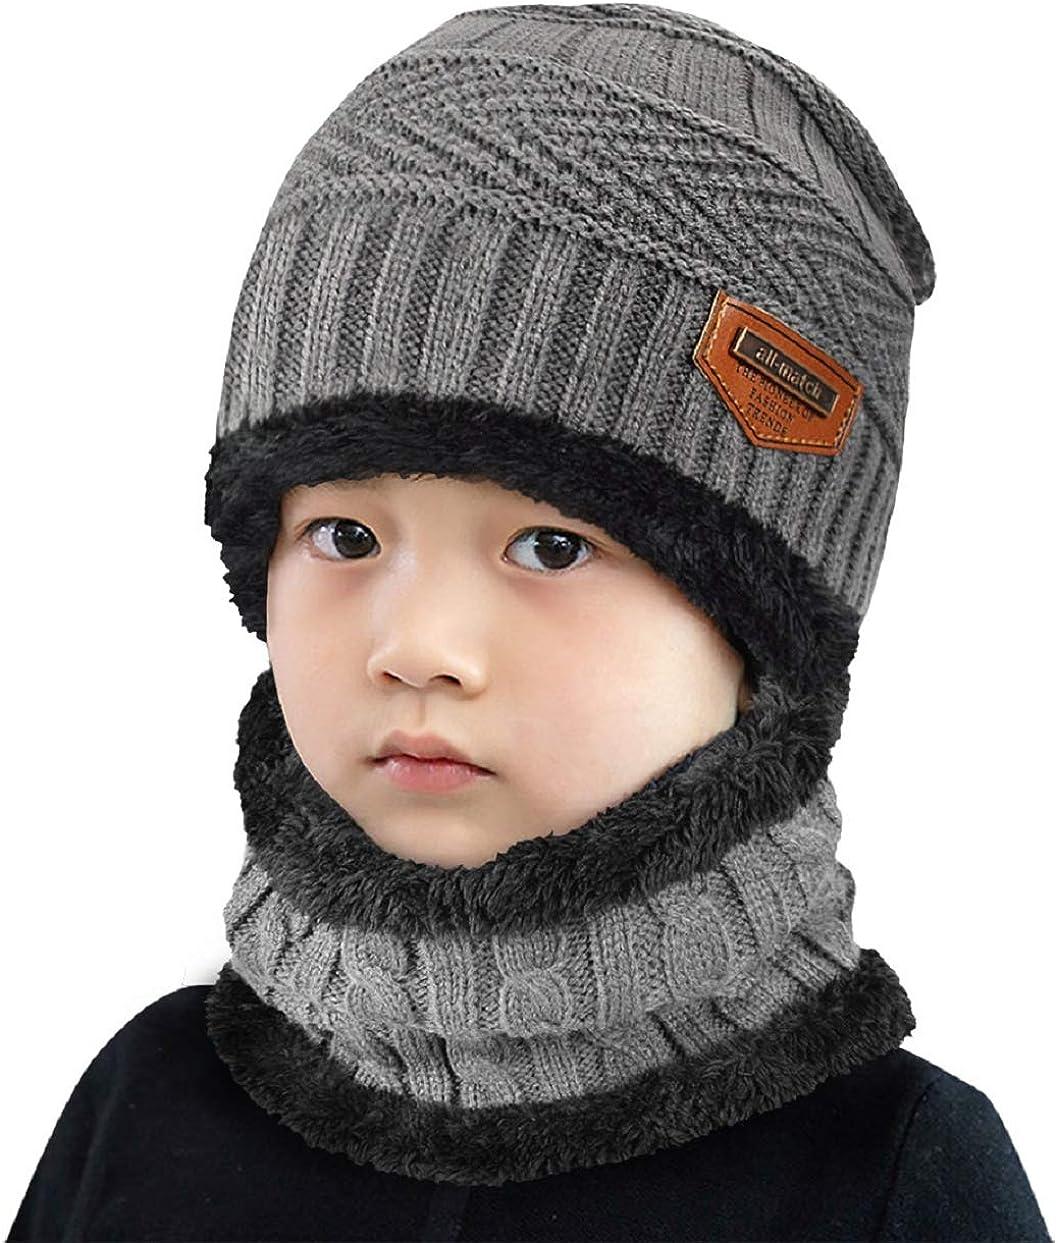 Tuopuda Sciarpa e Beanie Bambini Unisex Sciarpa Bambino Inverno Caldo Sciarpa Cappelli Invernale Bambini Beanie Bambino